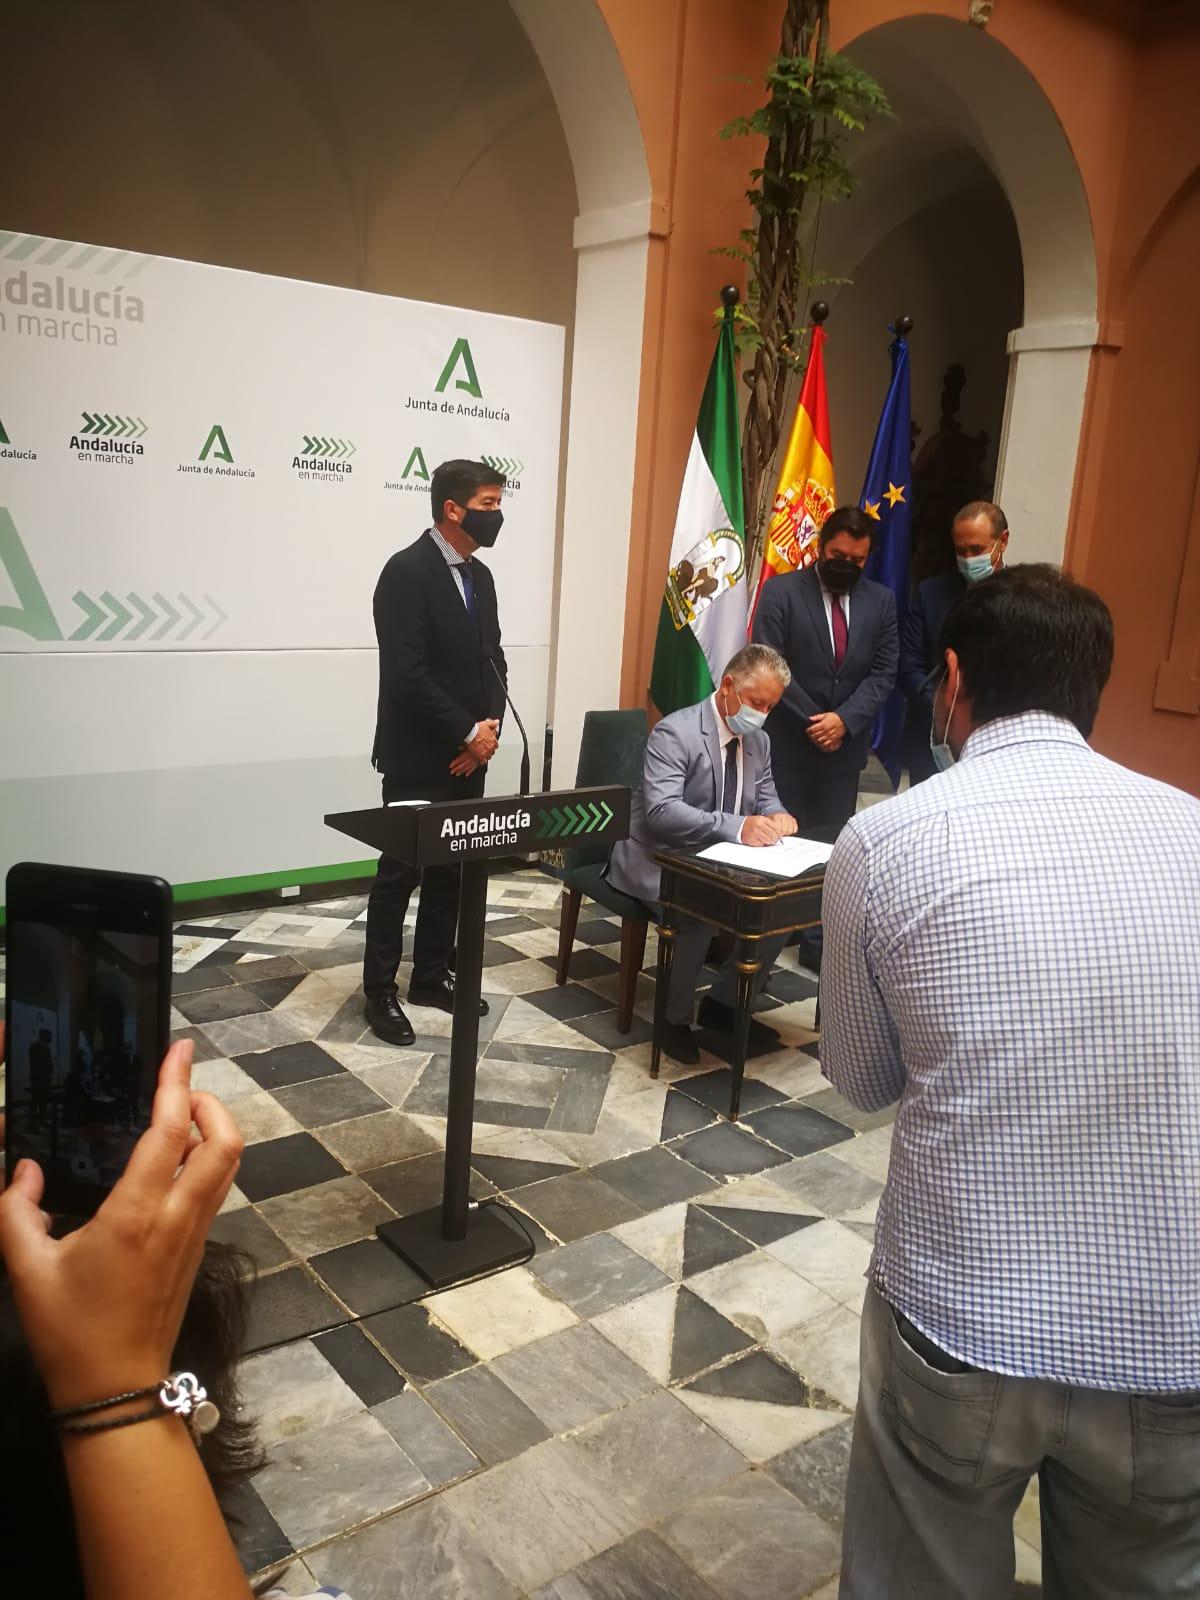 La Diputación de Granada destinará este año más de 2,6 millones de euros a obras del Programa de Fomento de Empleo Agrario